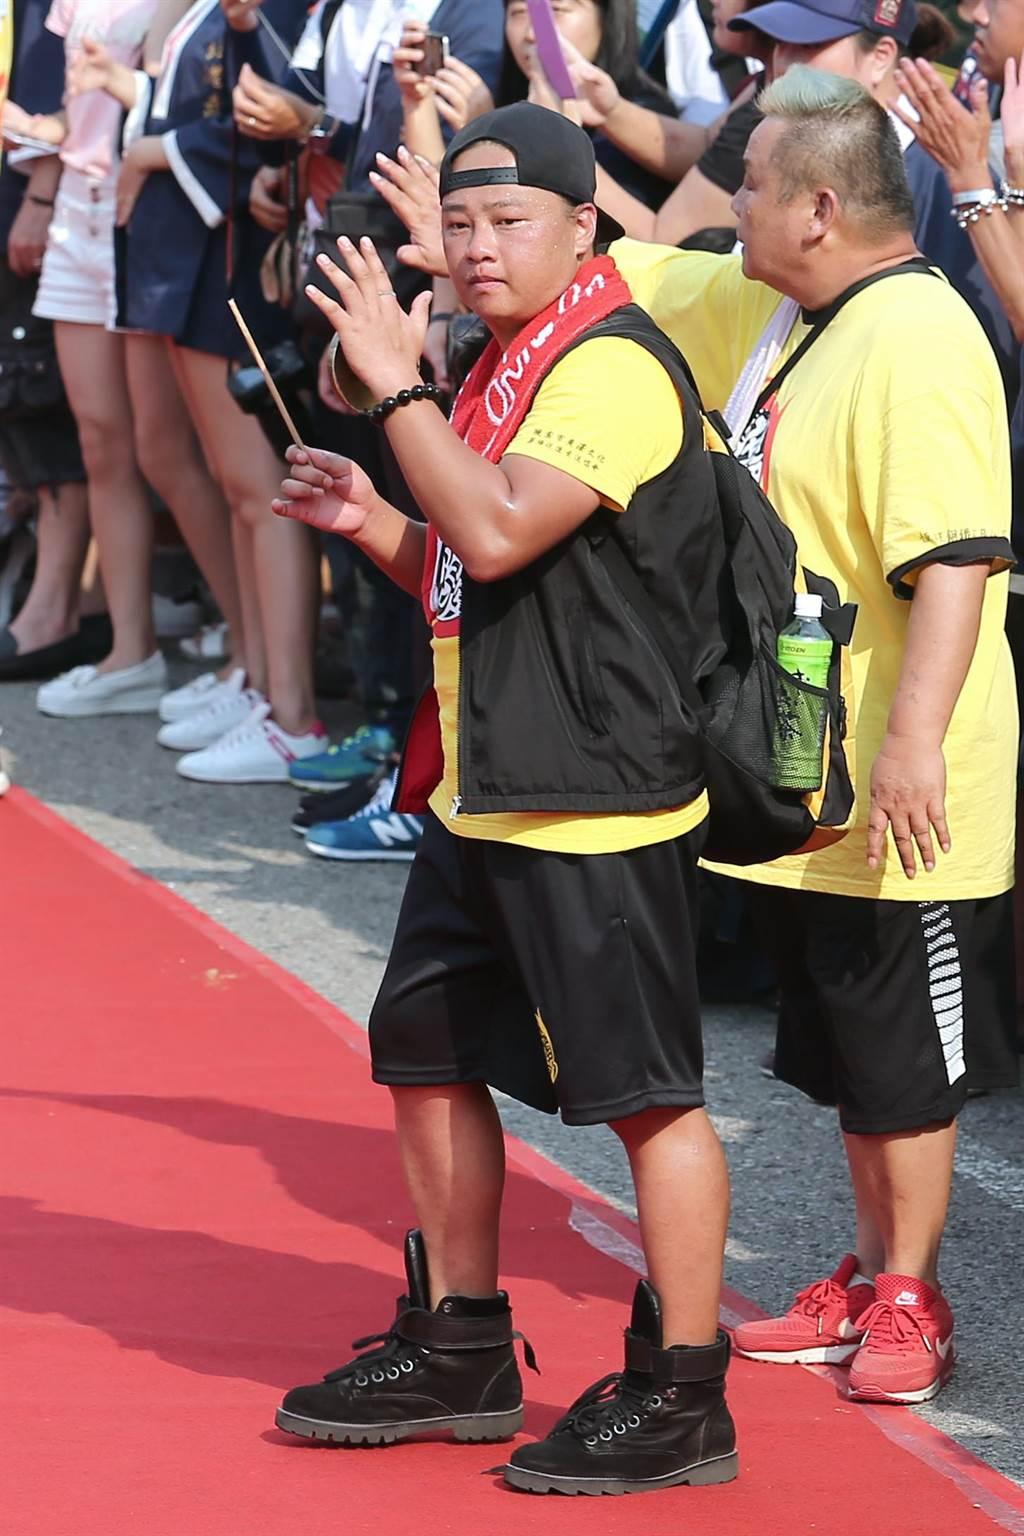 前星光歌手賴銘偉23日以廣澤宮宮主身分,率信眾上凱道參加「史上最大科、眾神上凱道」遊行。(黃世麒攝)